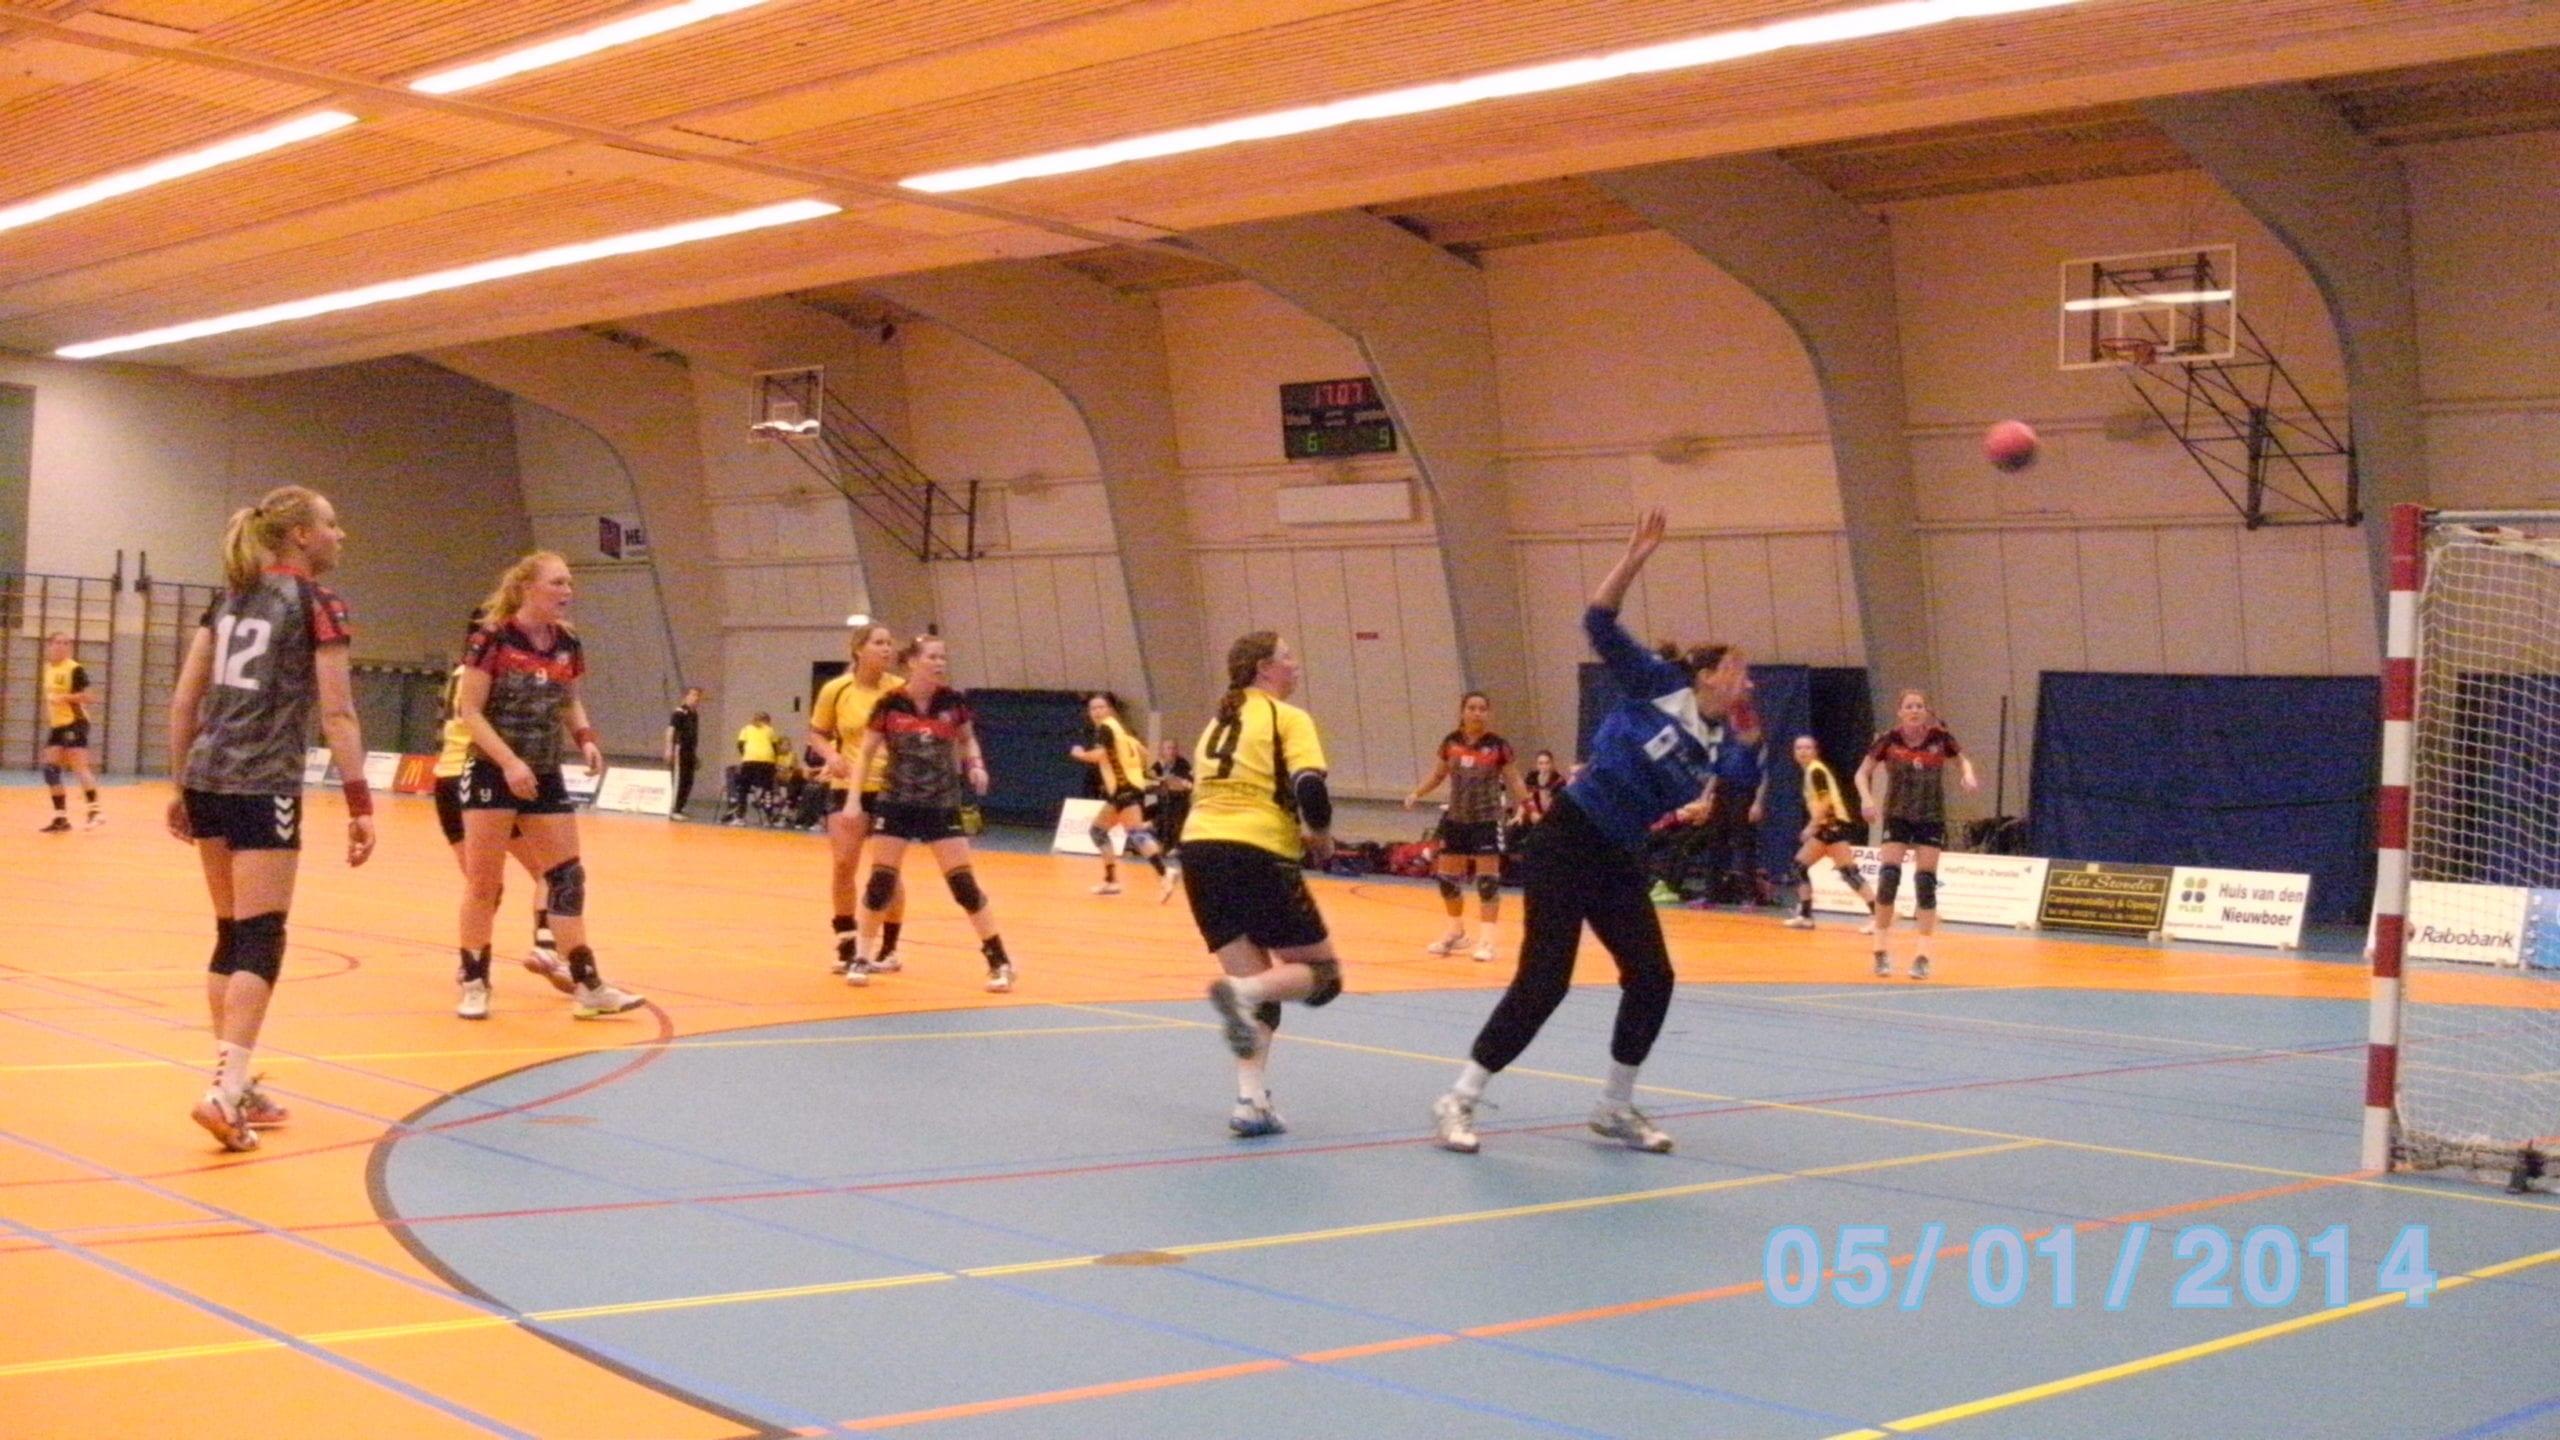 Borhave - United Breda (5-1-2014)